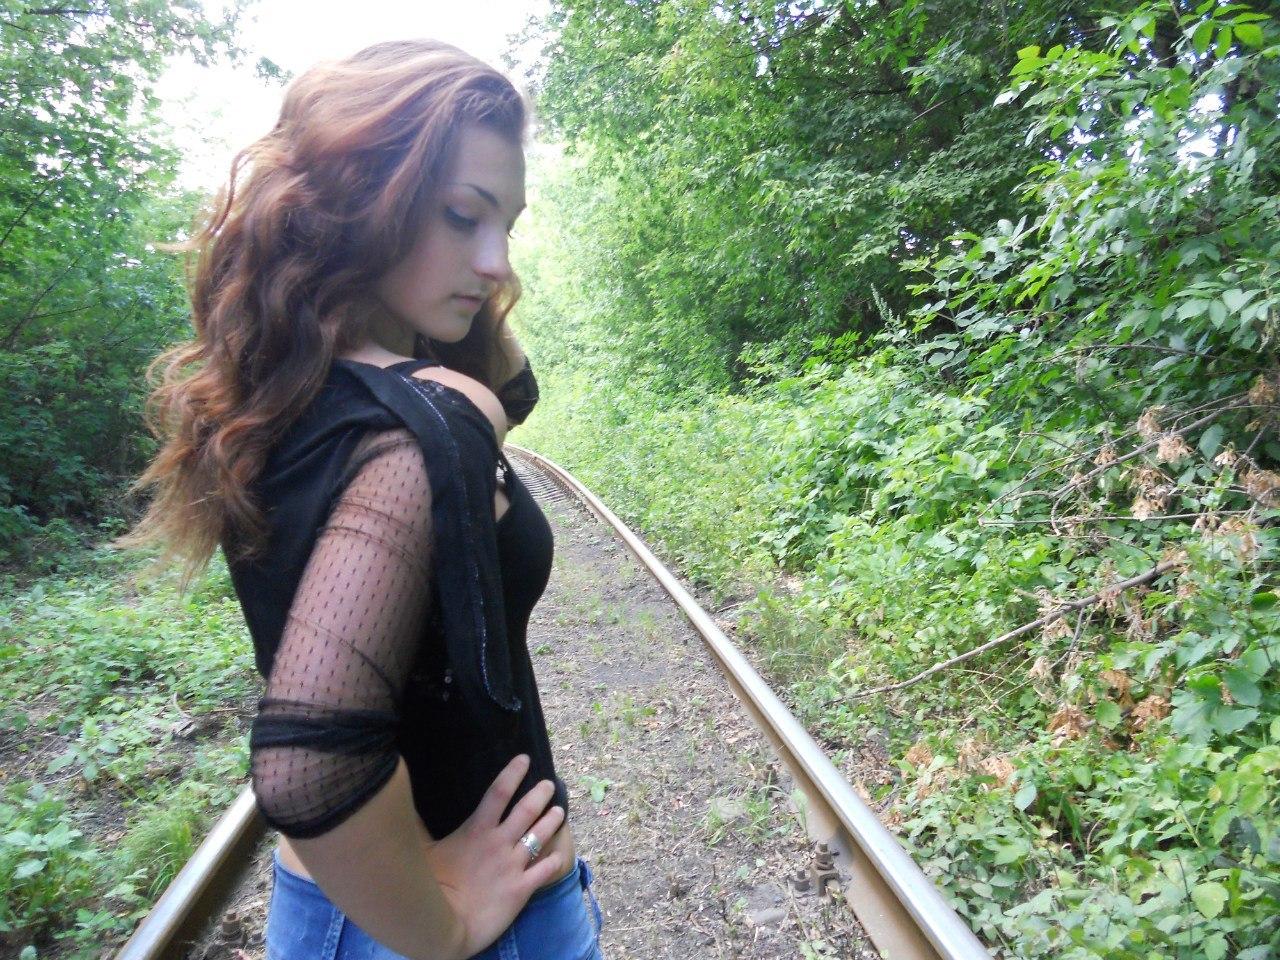 Девчонка в сетчатой водолазке с красивыми волнистыми волосами